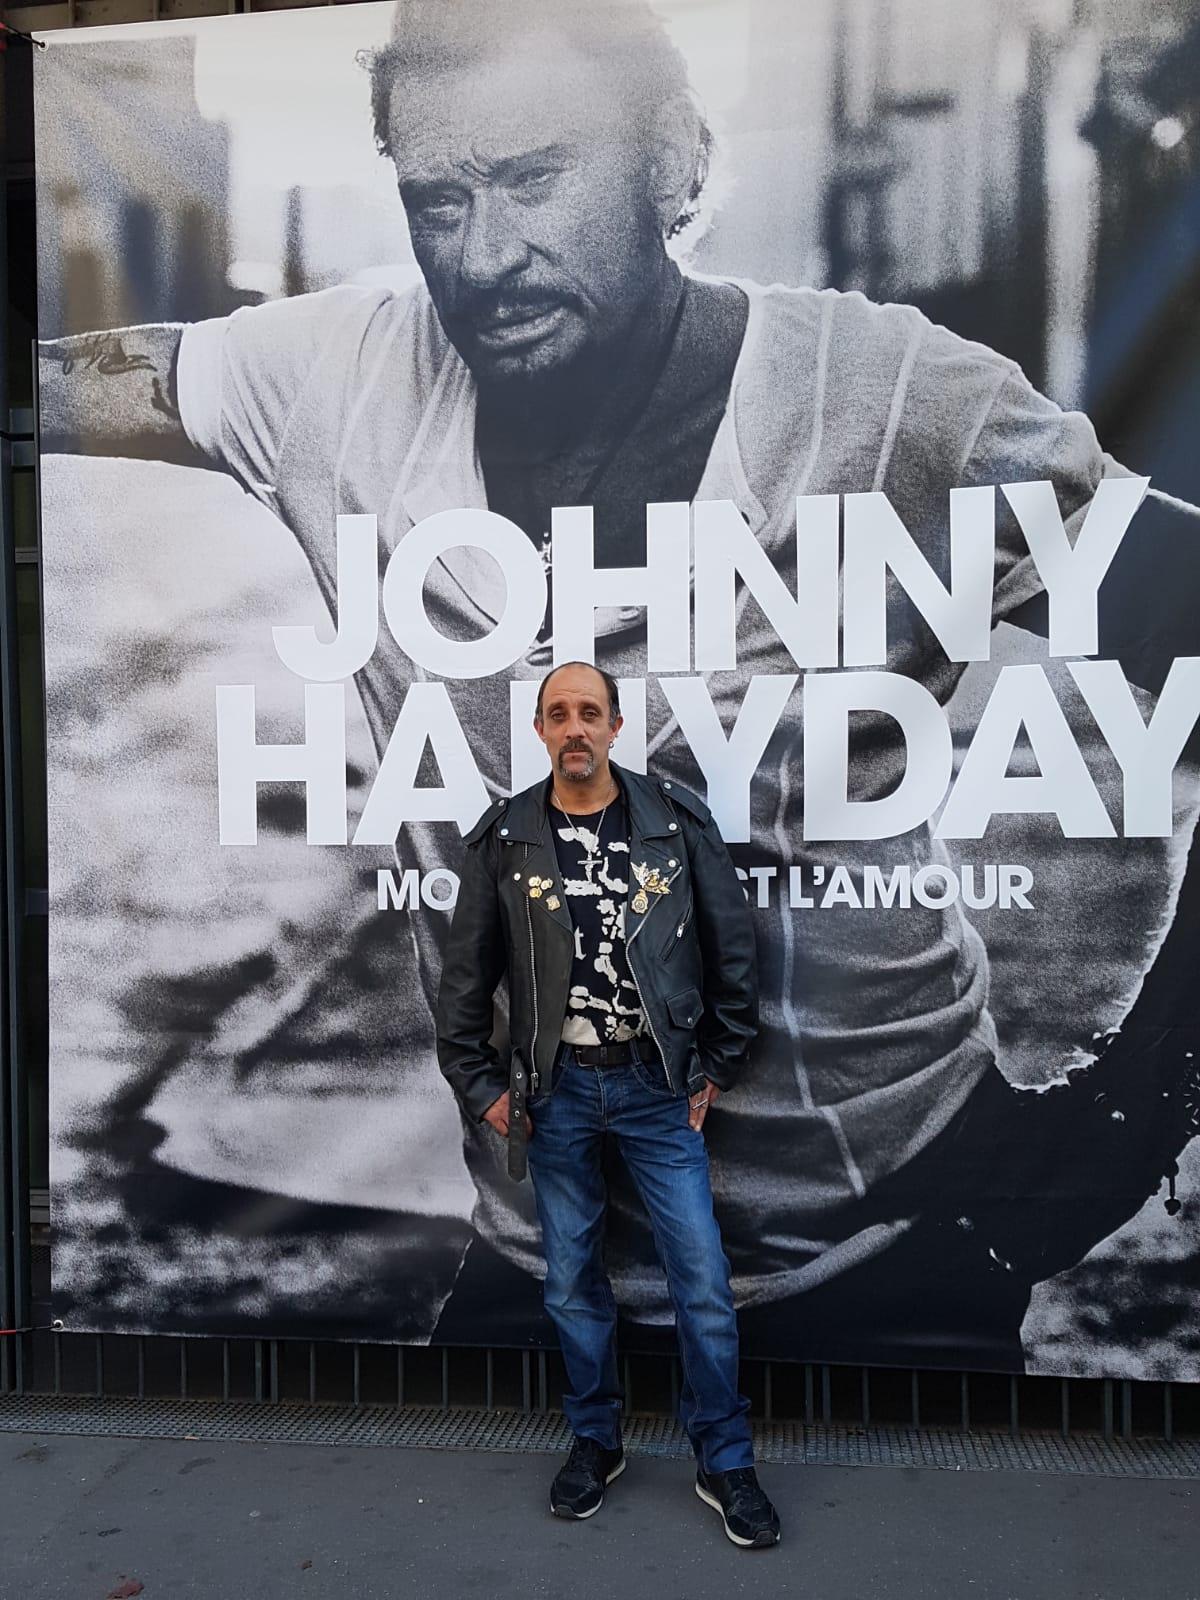 Johnny Hallyday ecoute avant premiere mon pays c est l amour Florence marchand 02